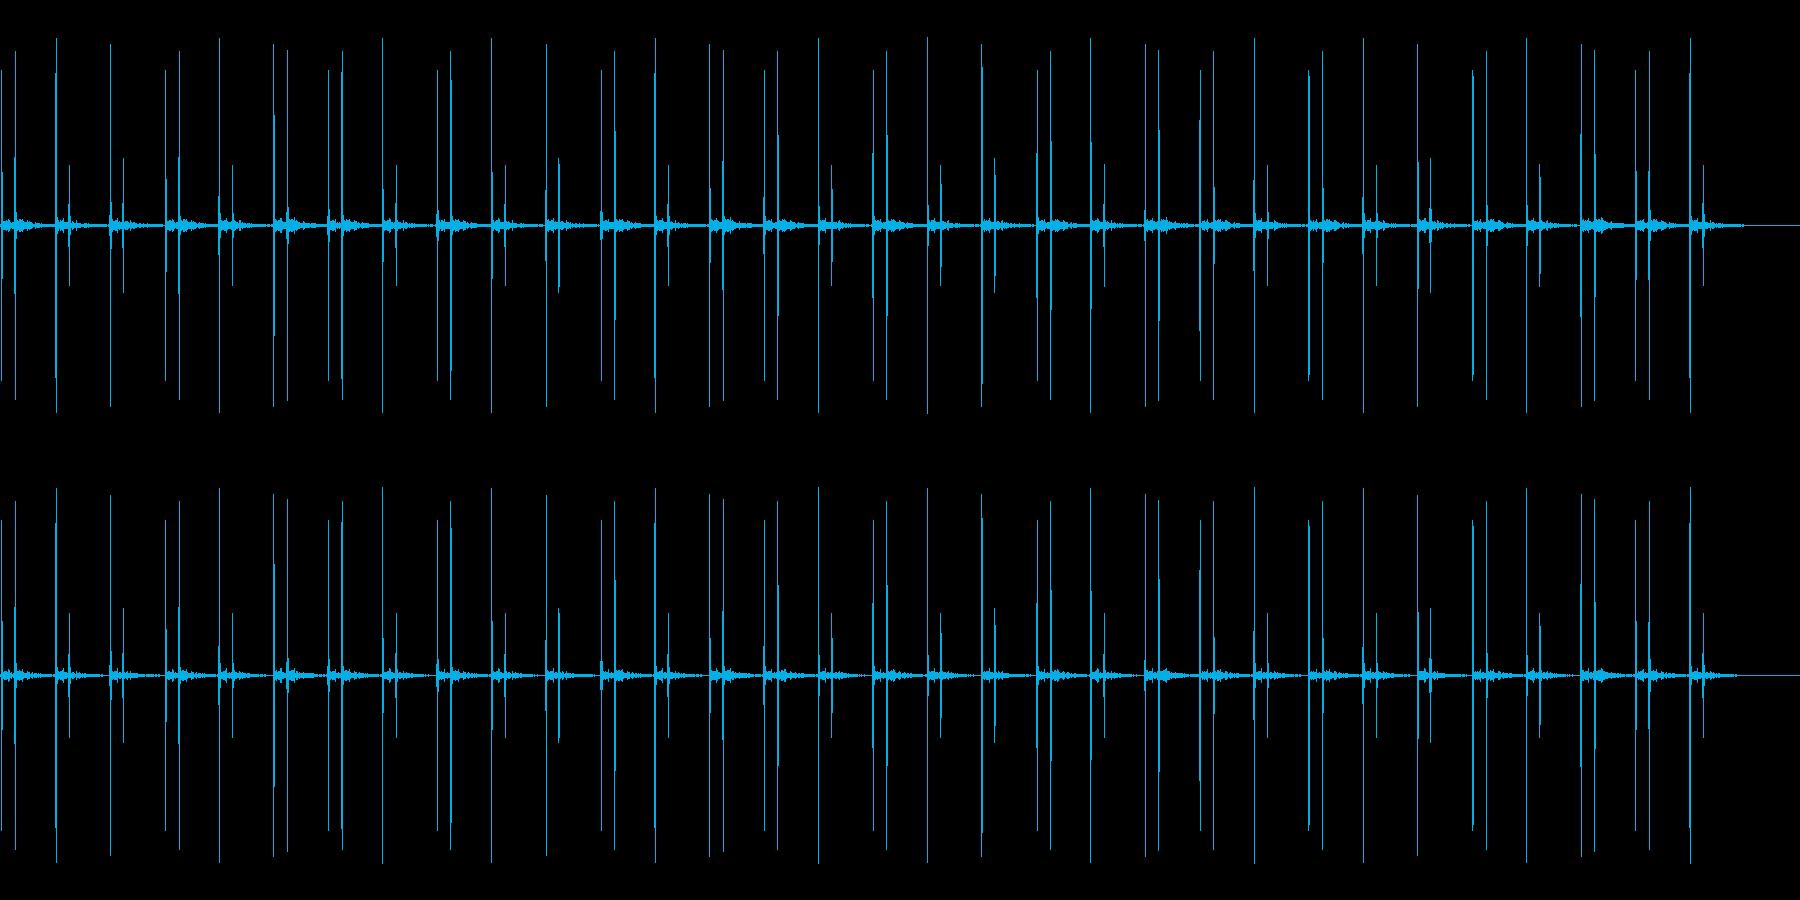 ドクン(心臓の音です)の再生済みの波形